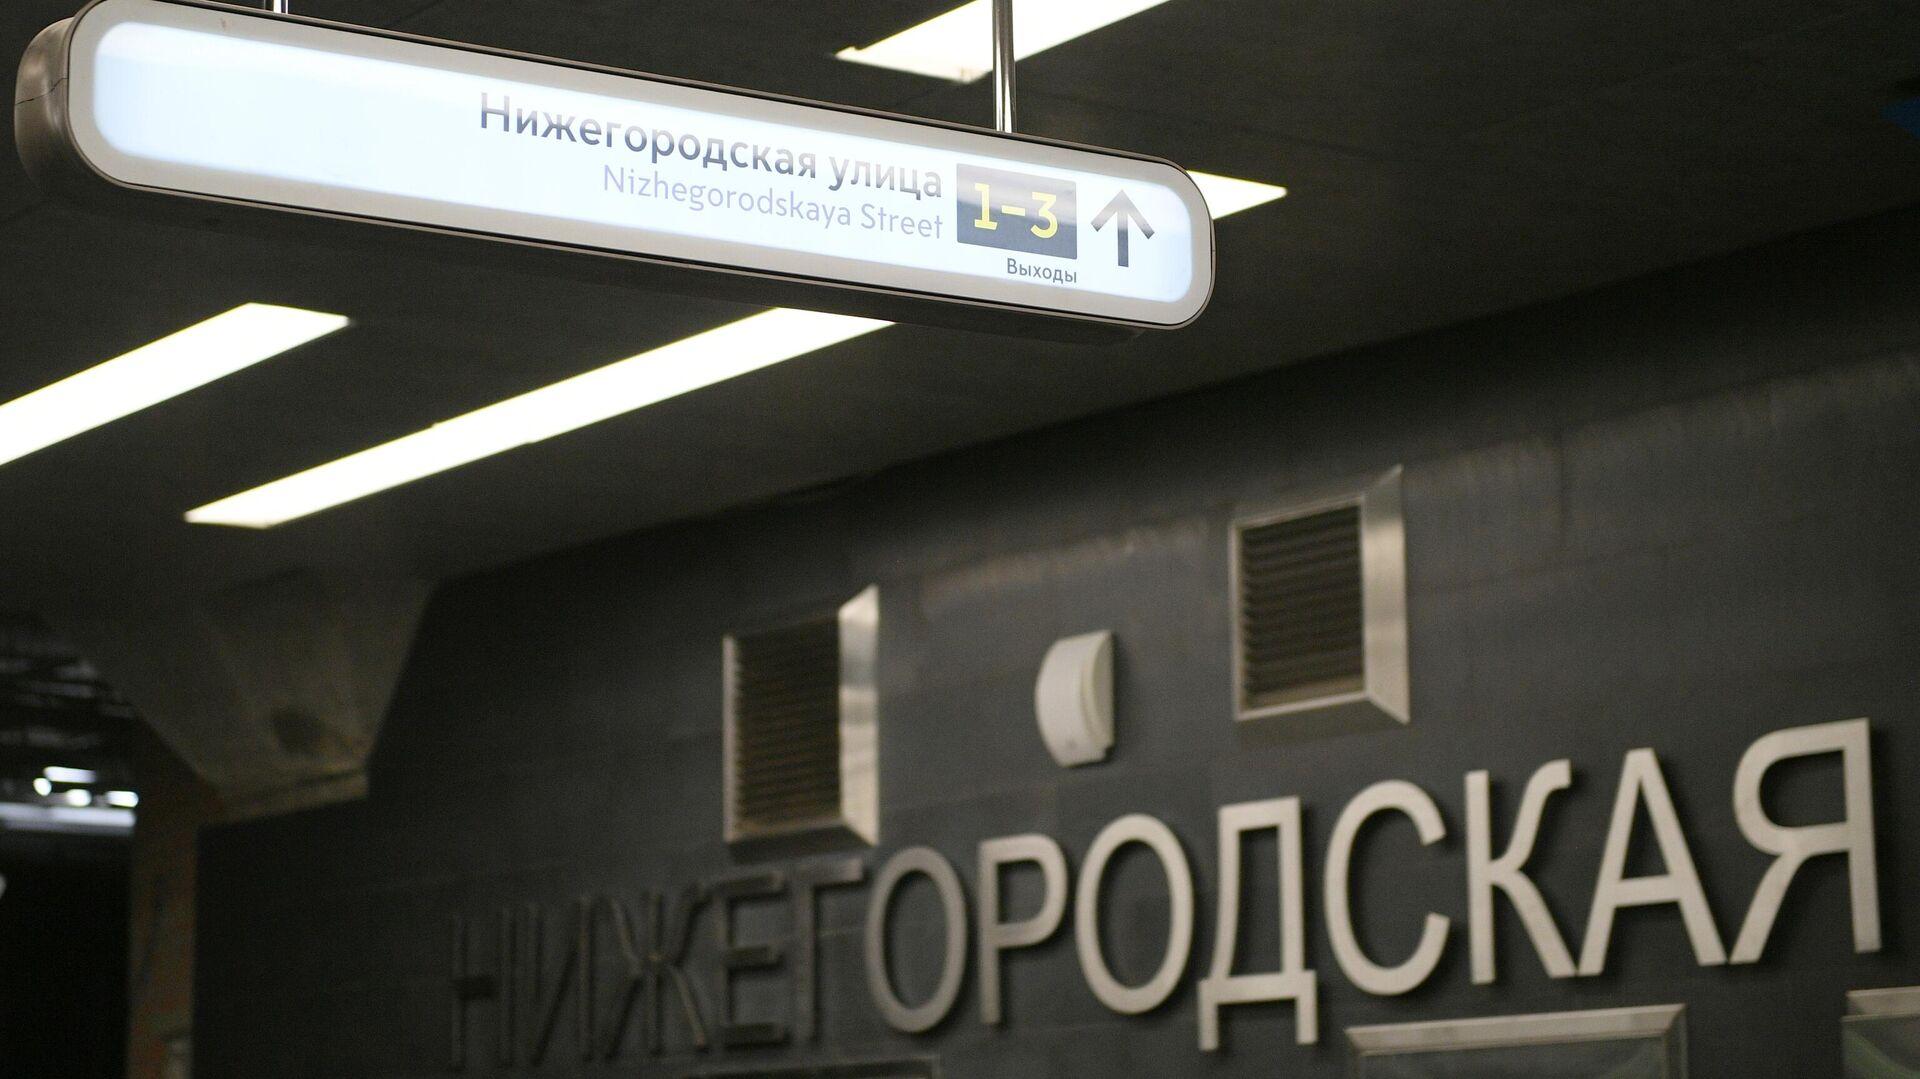 Строительство станции метро Нижегородская в Москве - РИА Новости, 1920, 24.07.2021